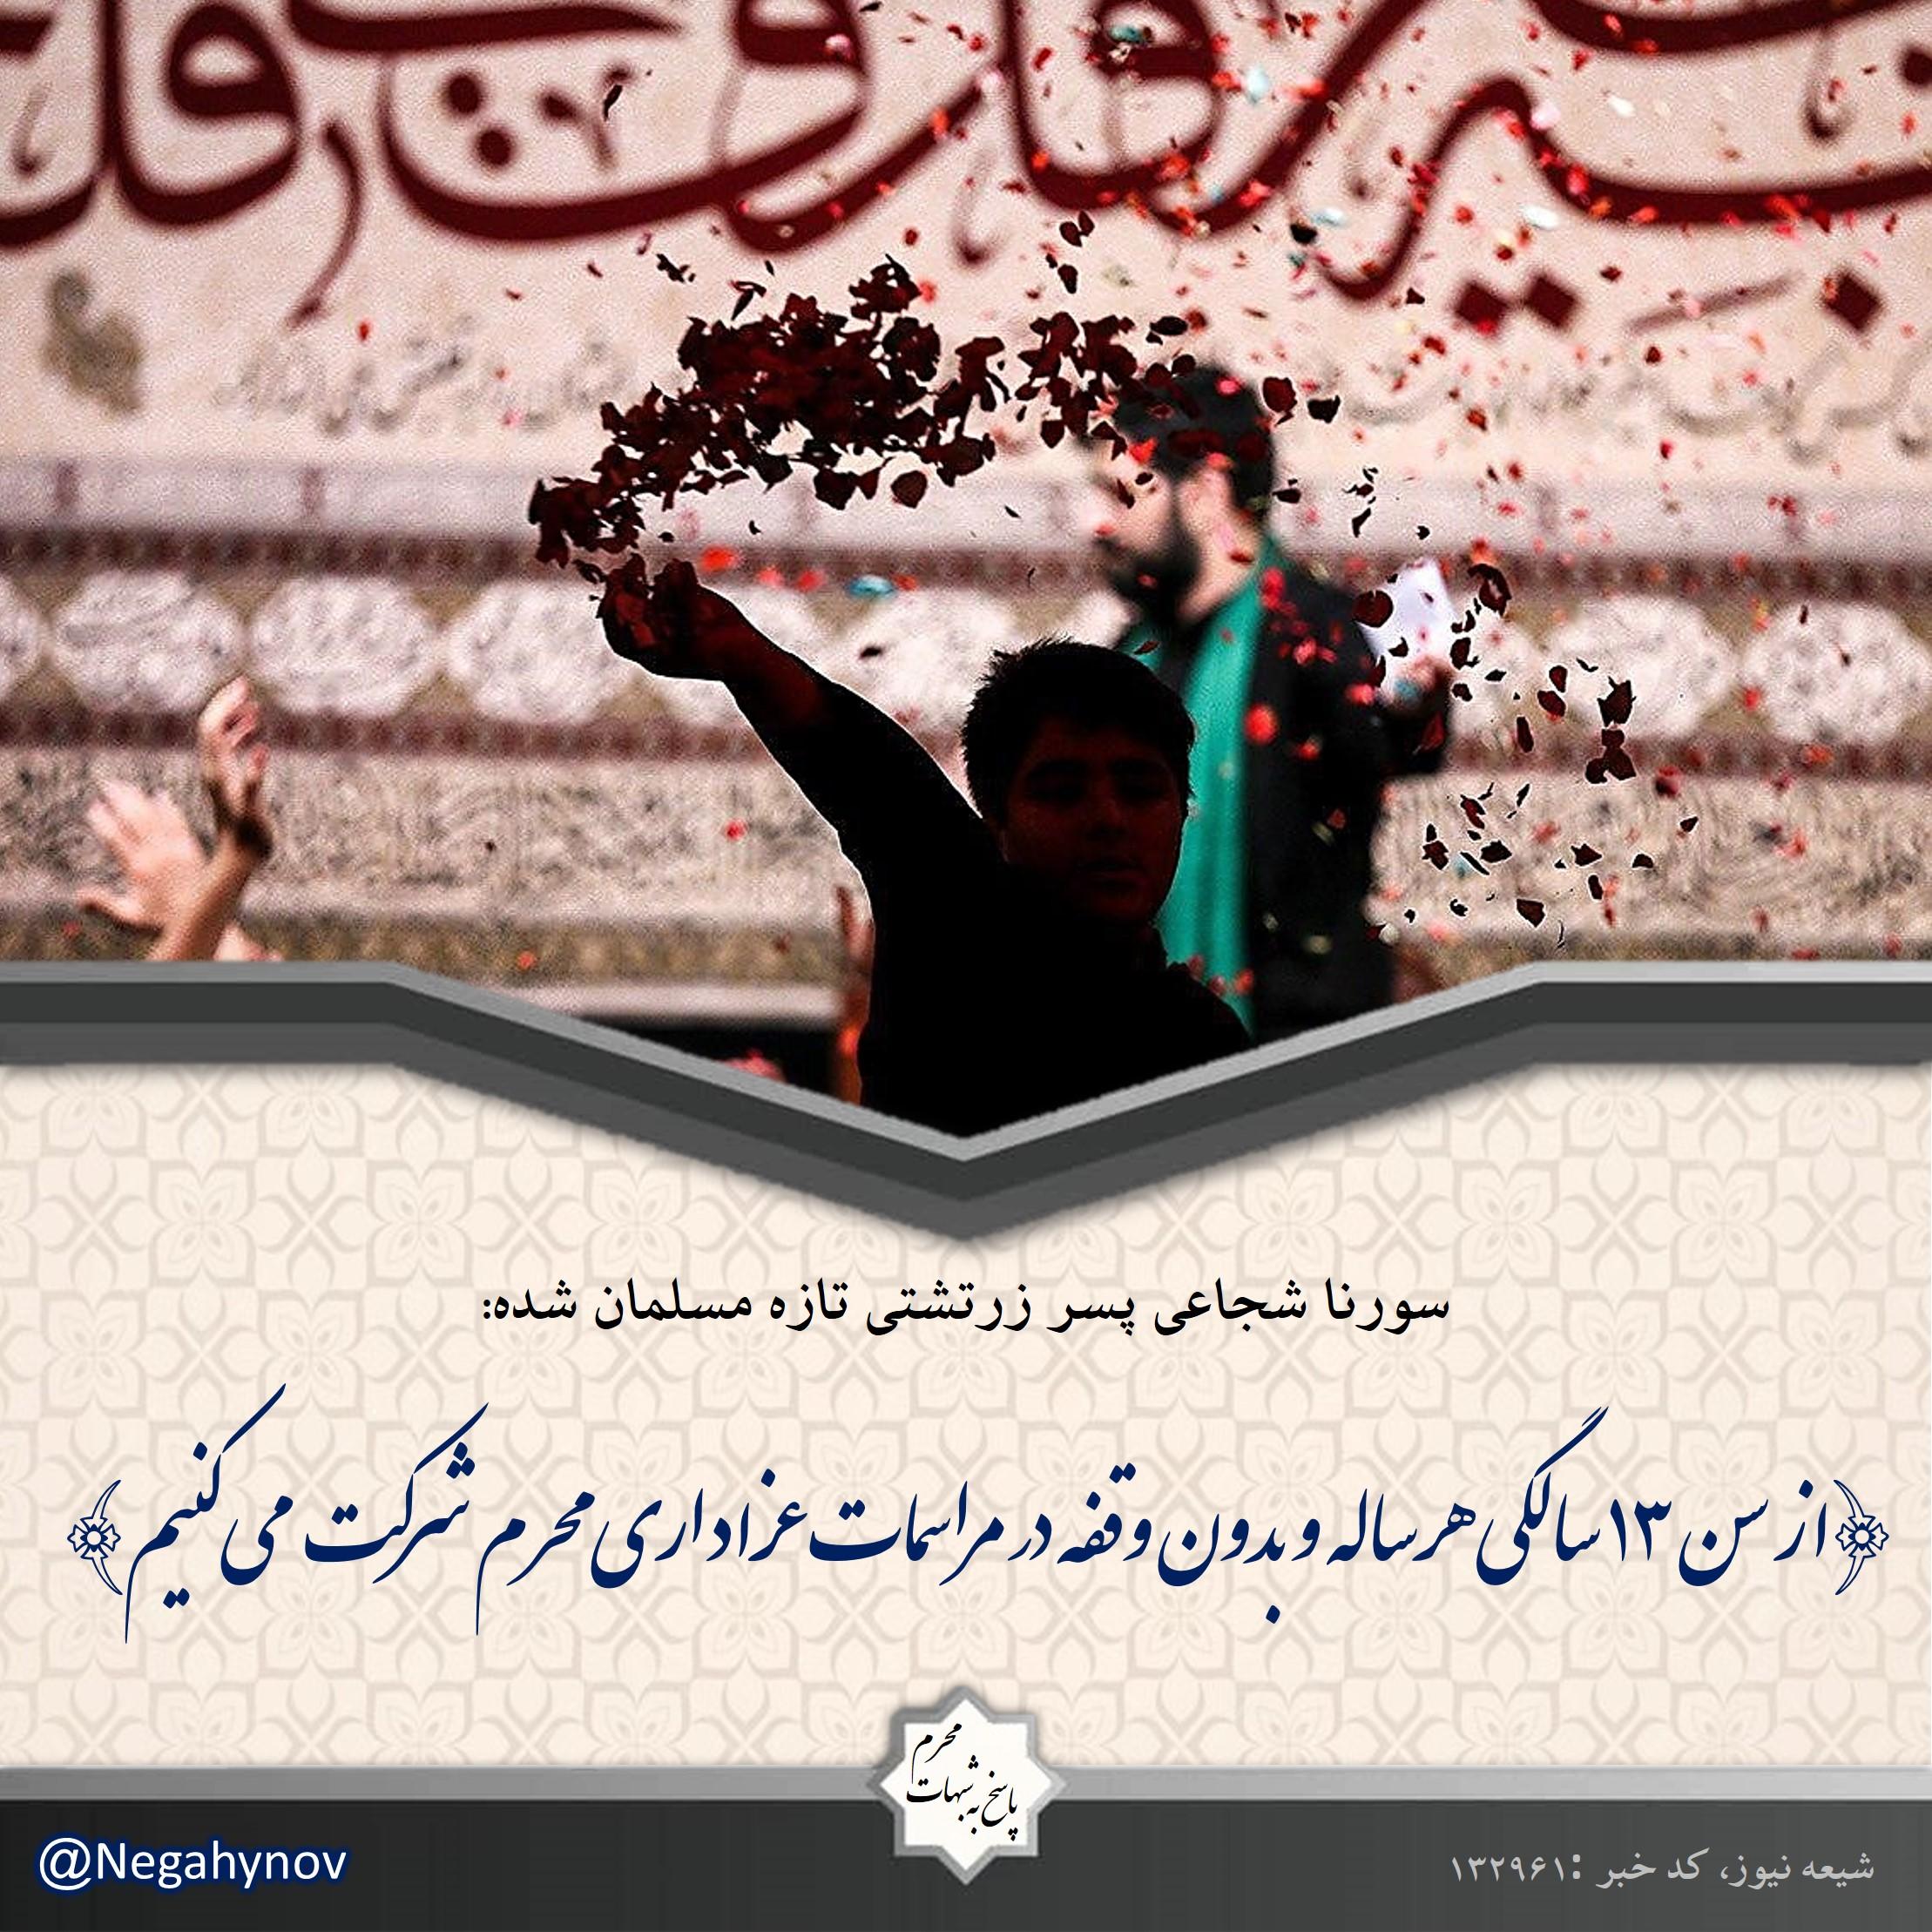 پسر زرتشتی و عزاداری امام حسین (ع) - نگاهی نو